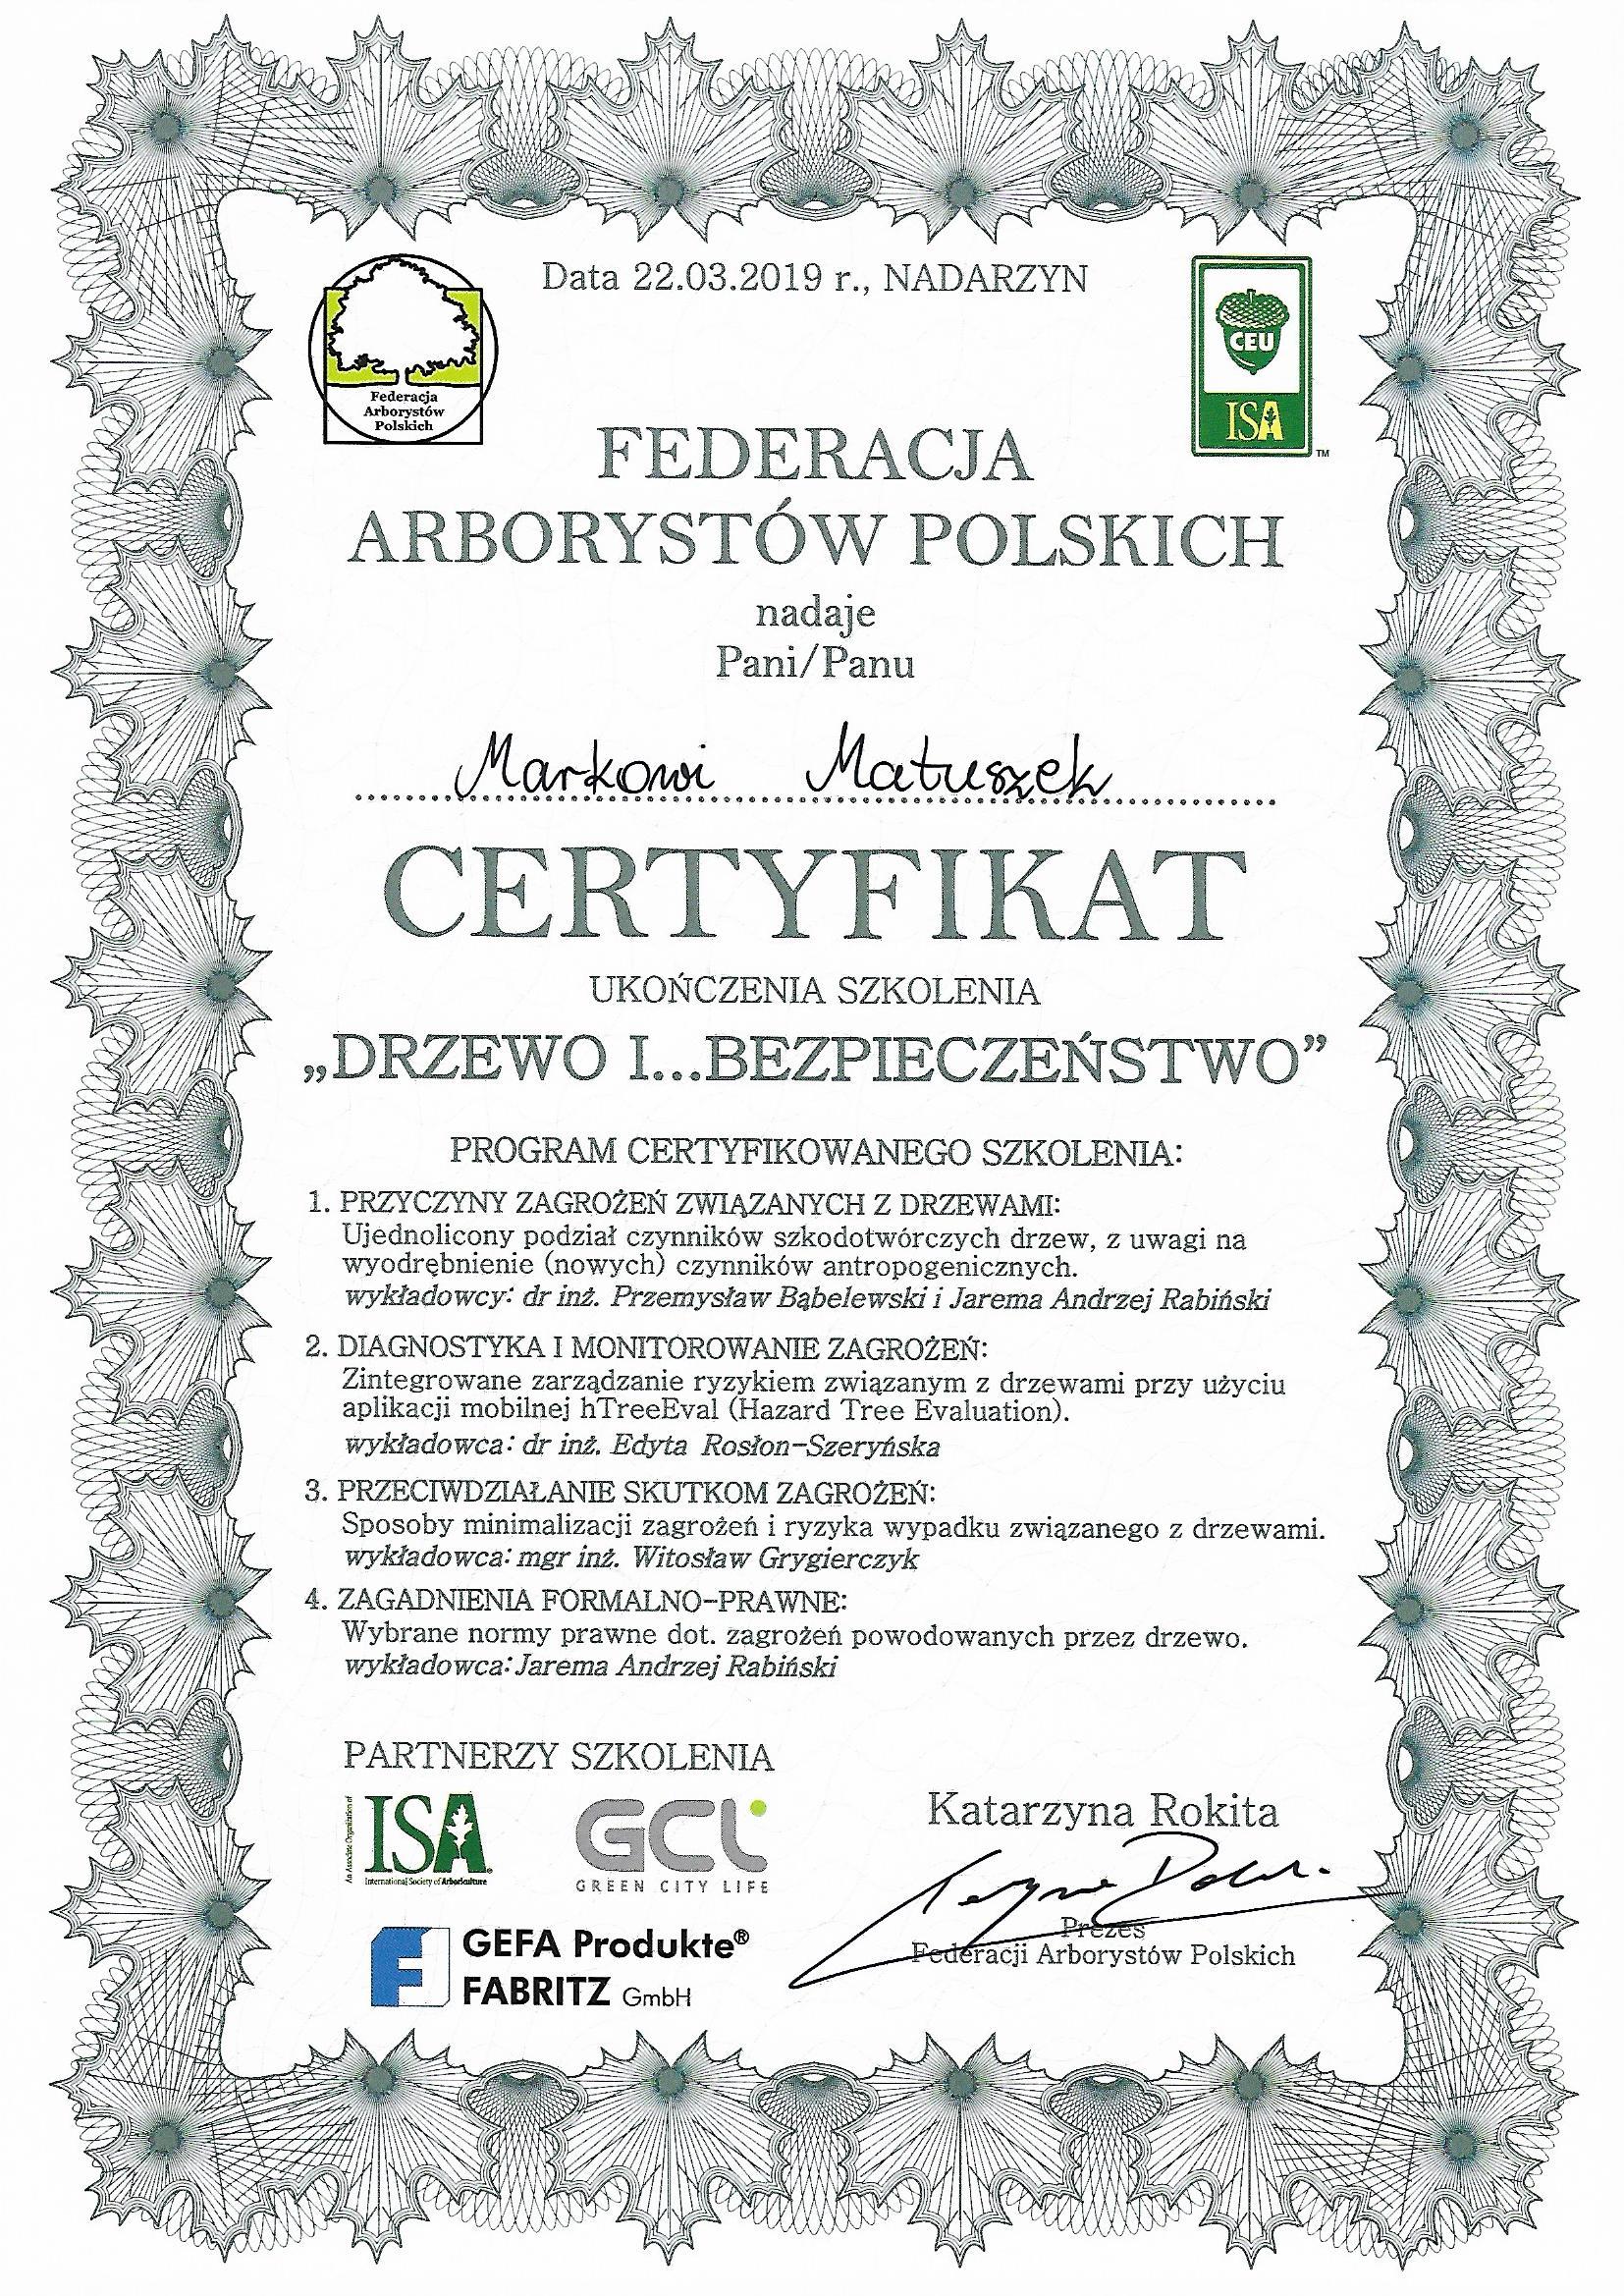 drzew i bezpieczeństwo - federacja arborystów polskich